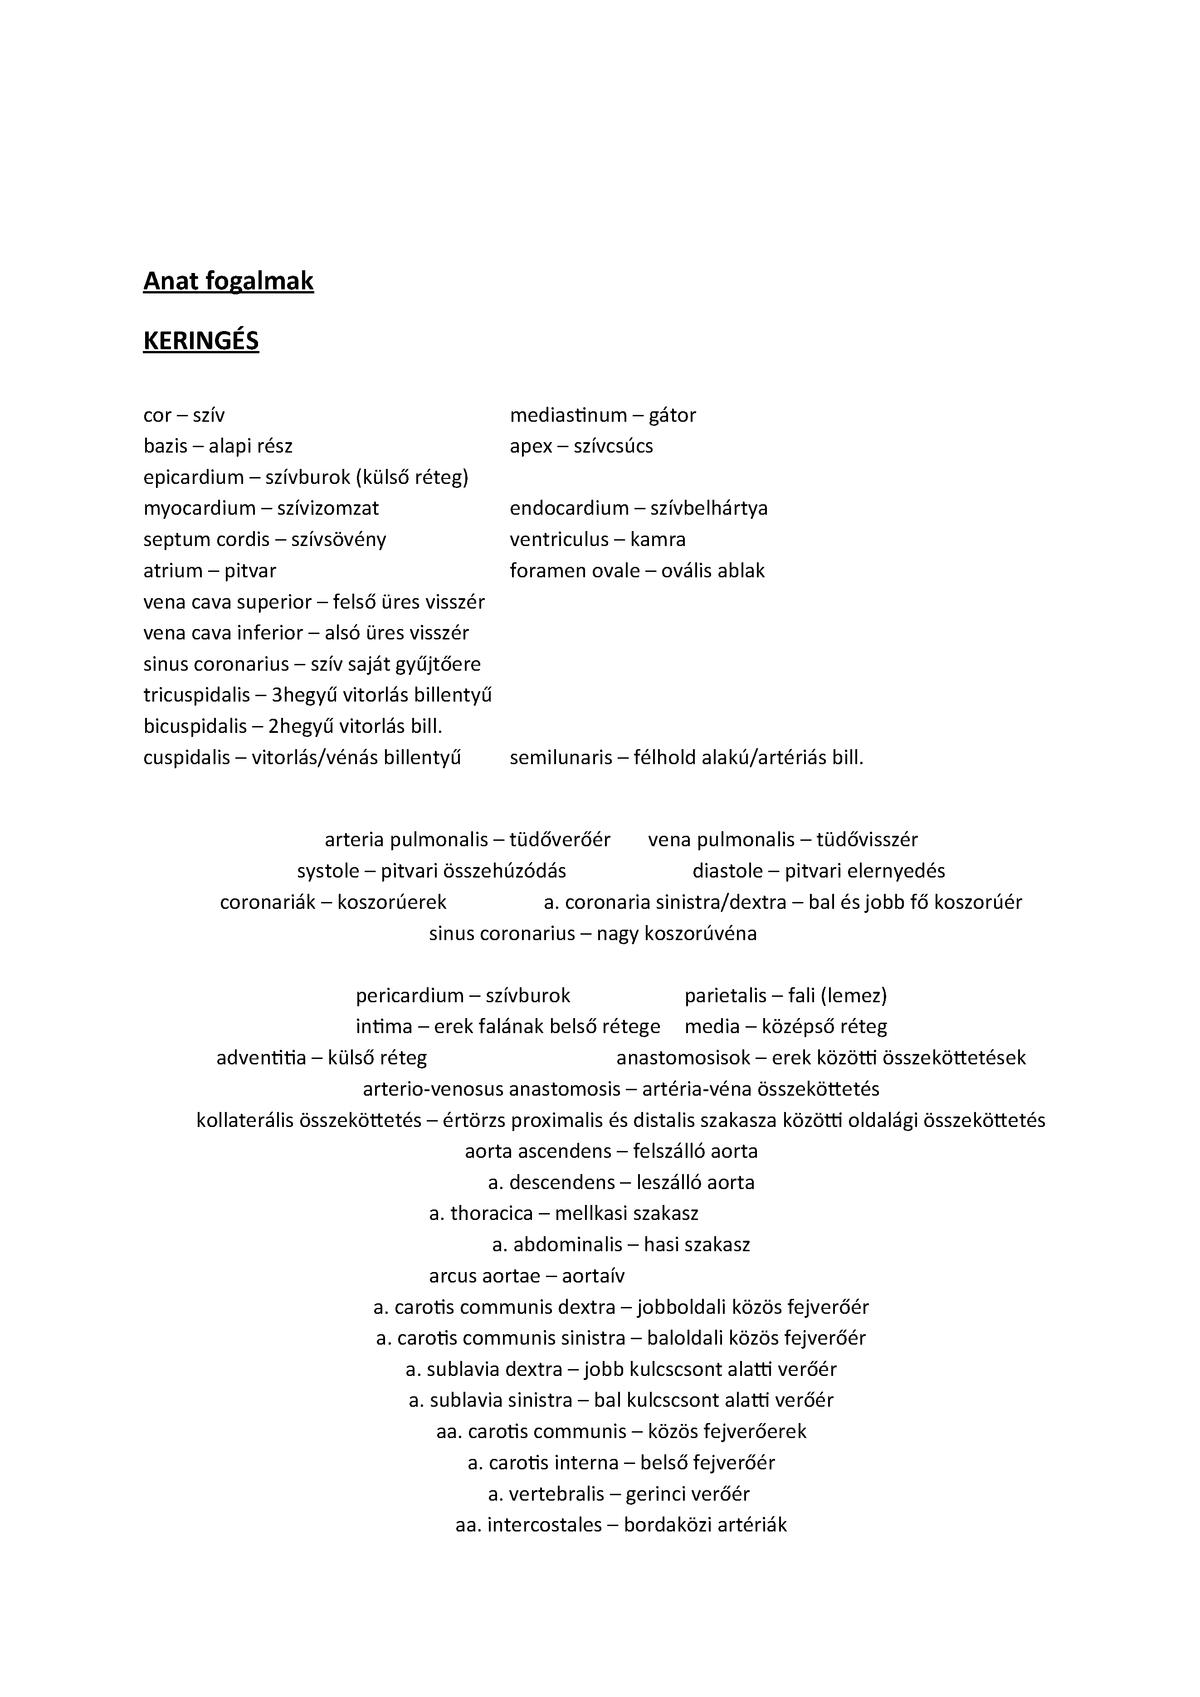 Felső üres visszér latinul